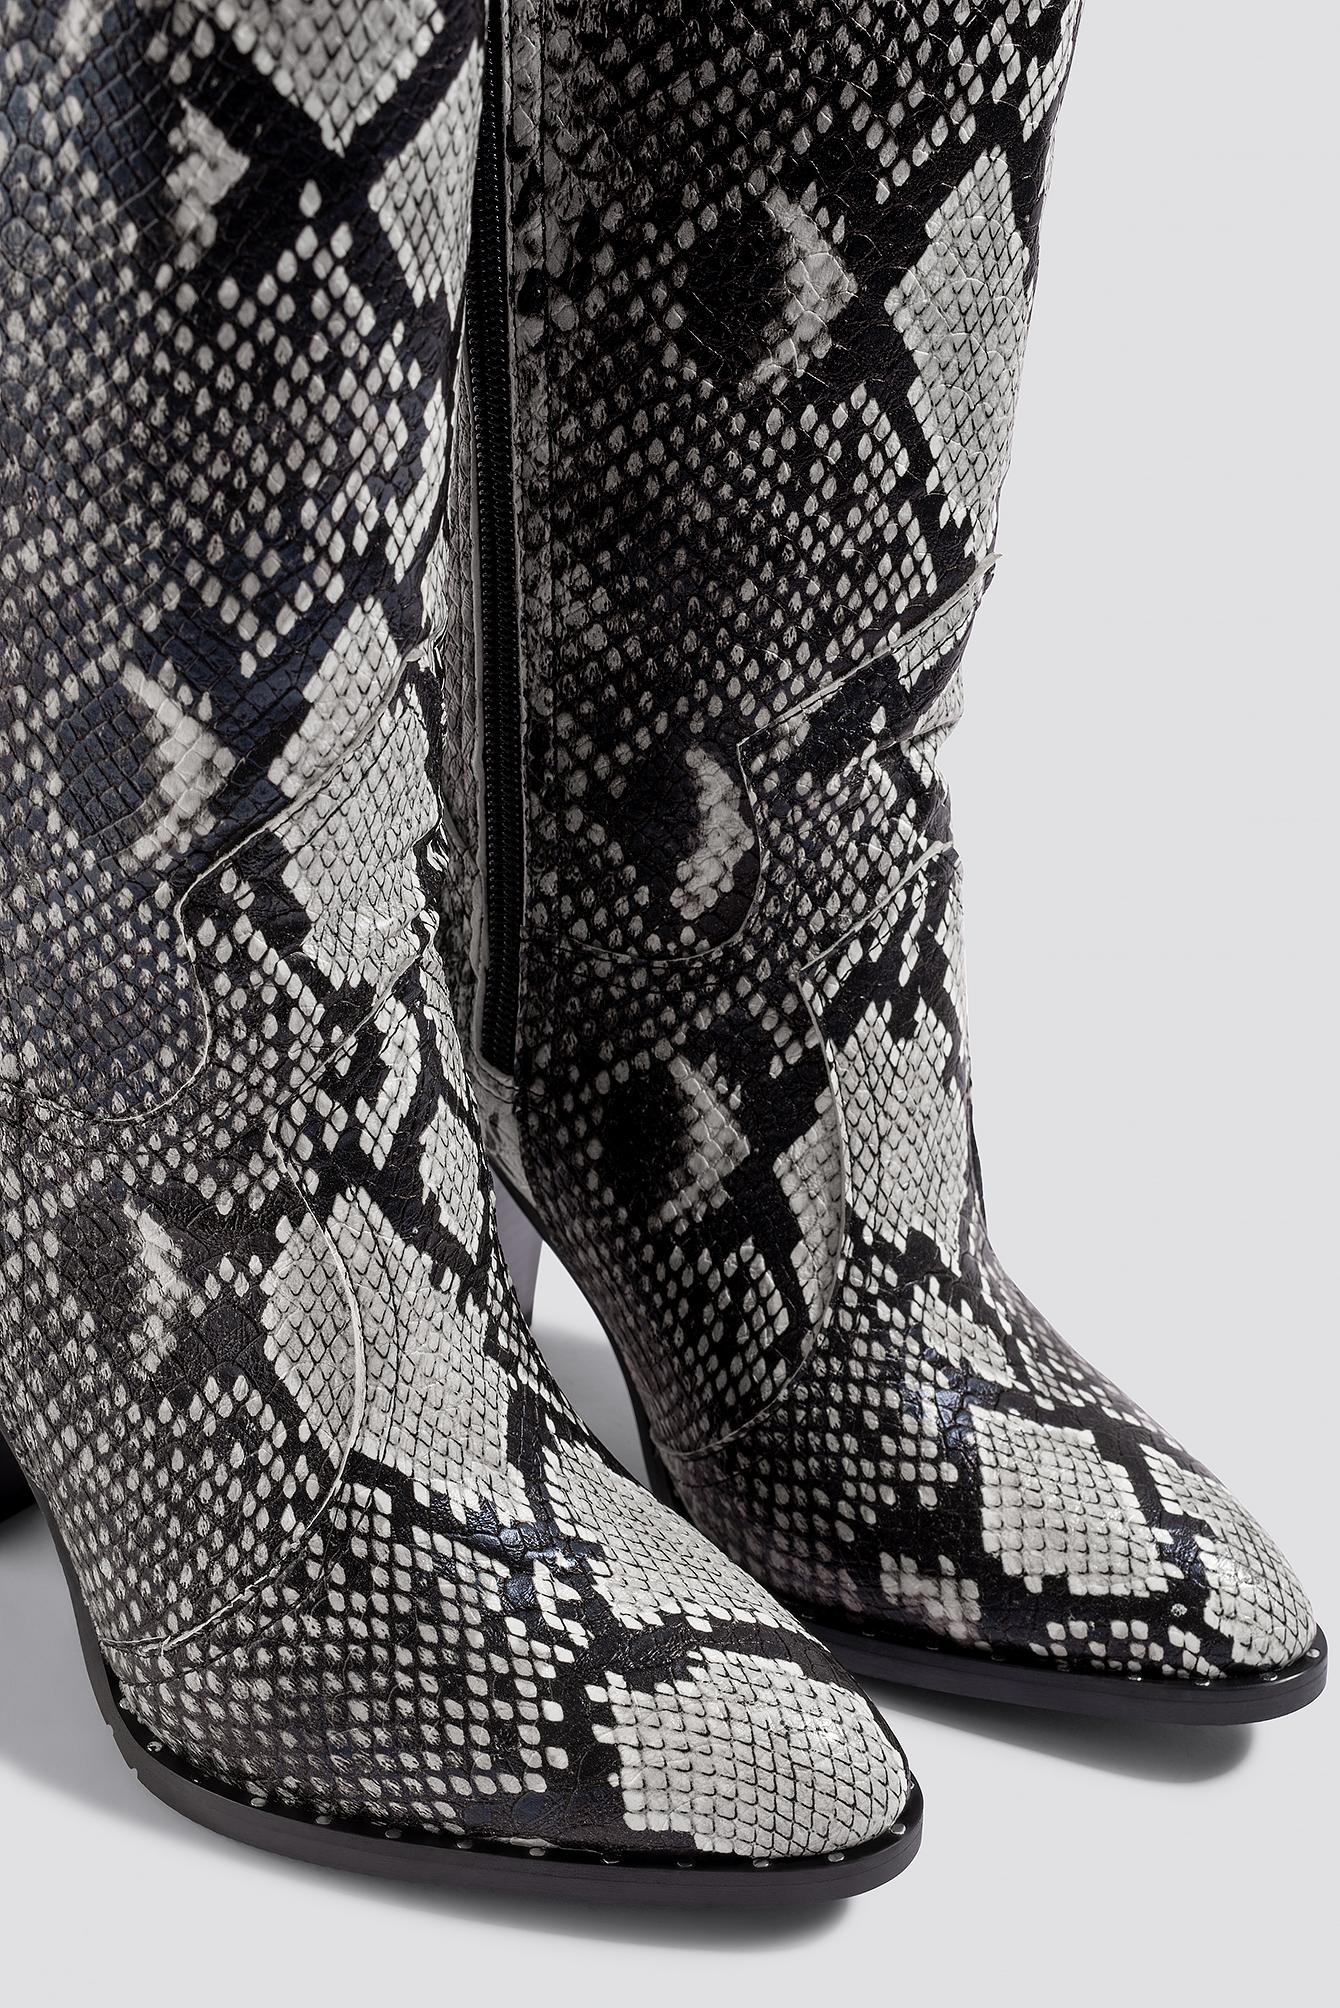 Snake Patterned Boots NA-KD.COM